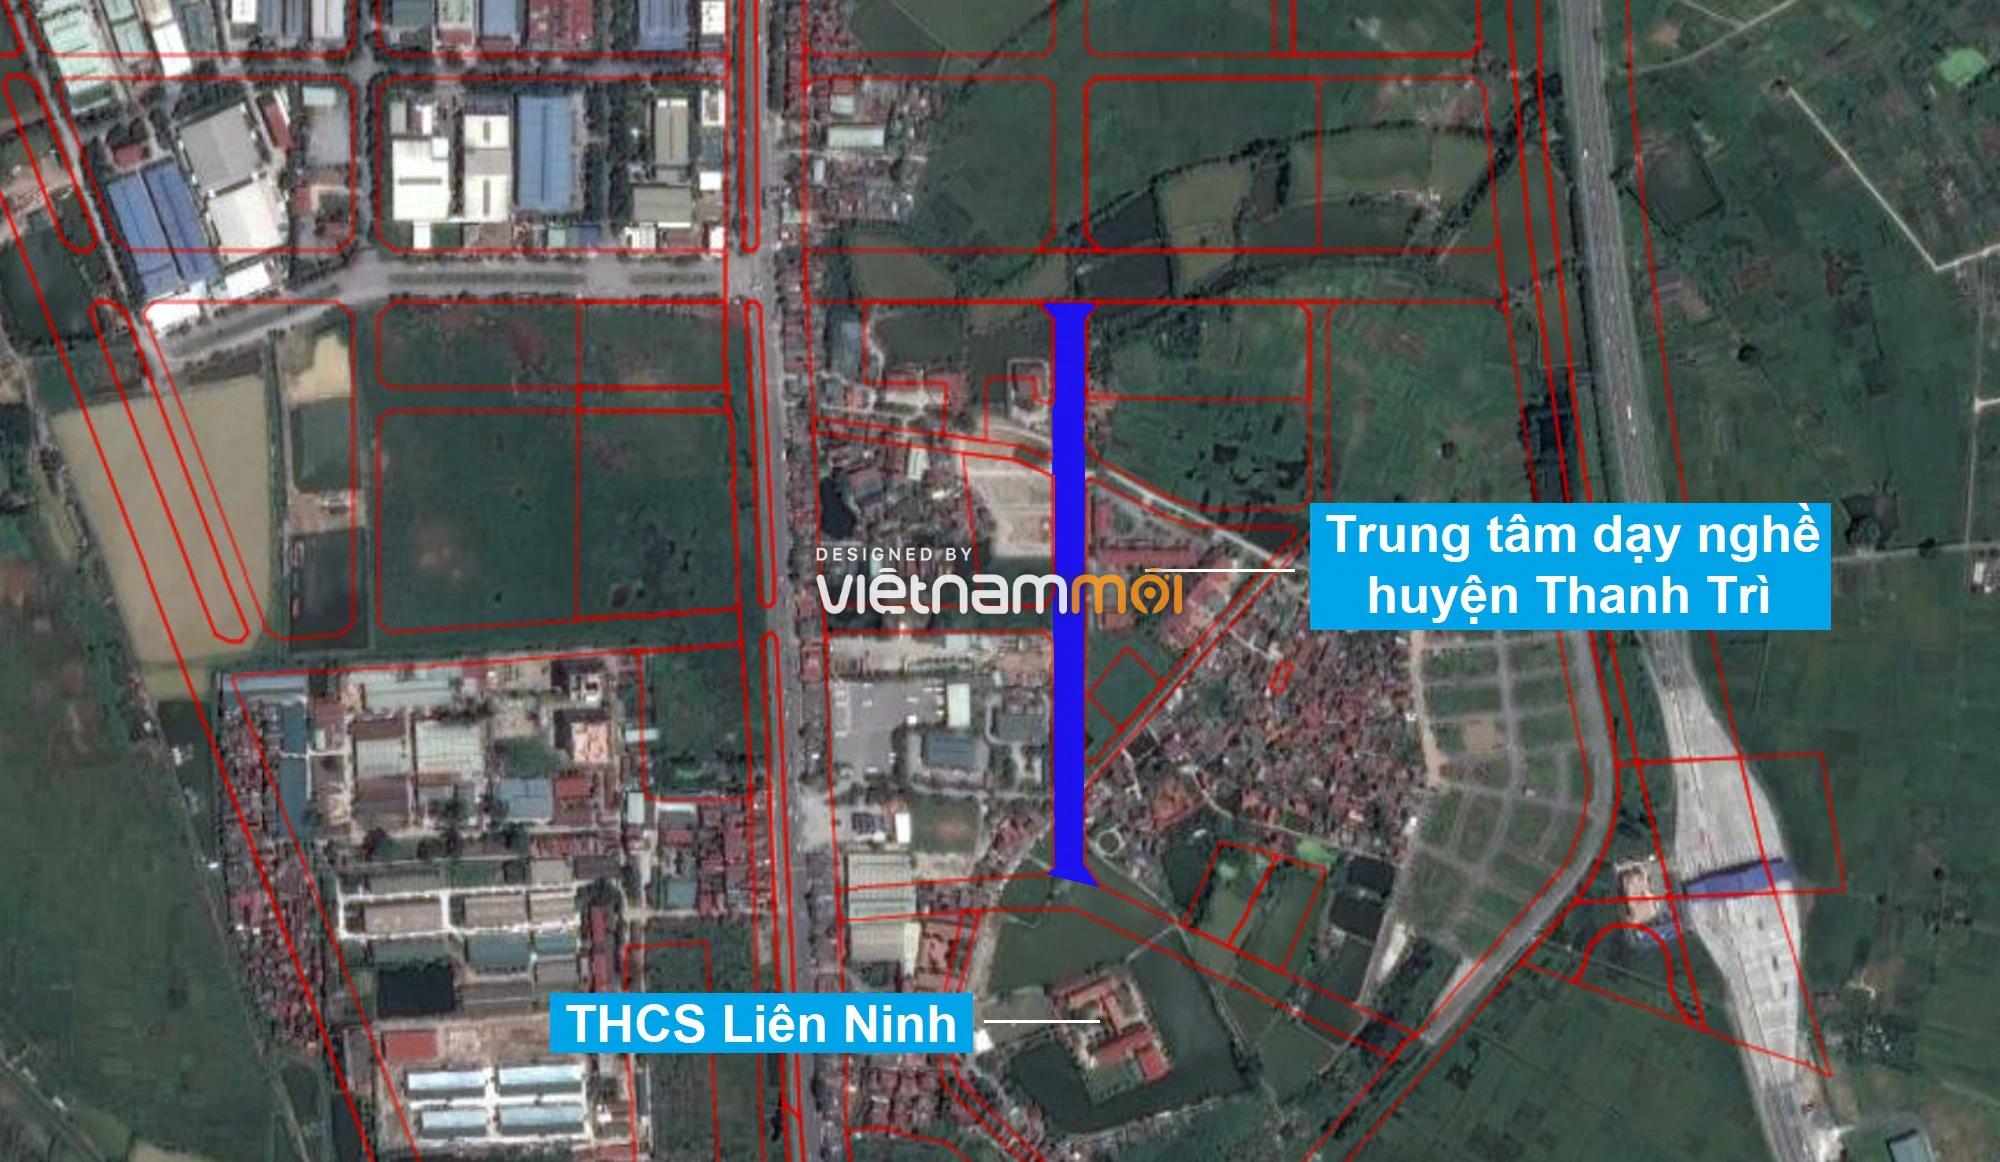 Những khu đất sắp thu hồi để mở đường ở xã Liên Ninh, Thanh Trì, Hà Nội (phần 1) - Ảnh 13.